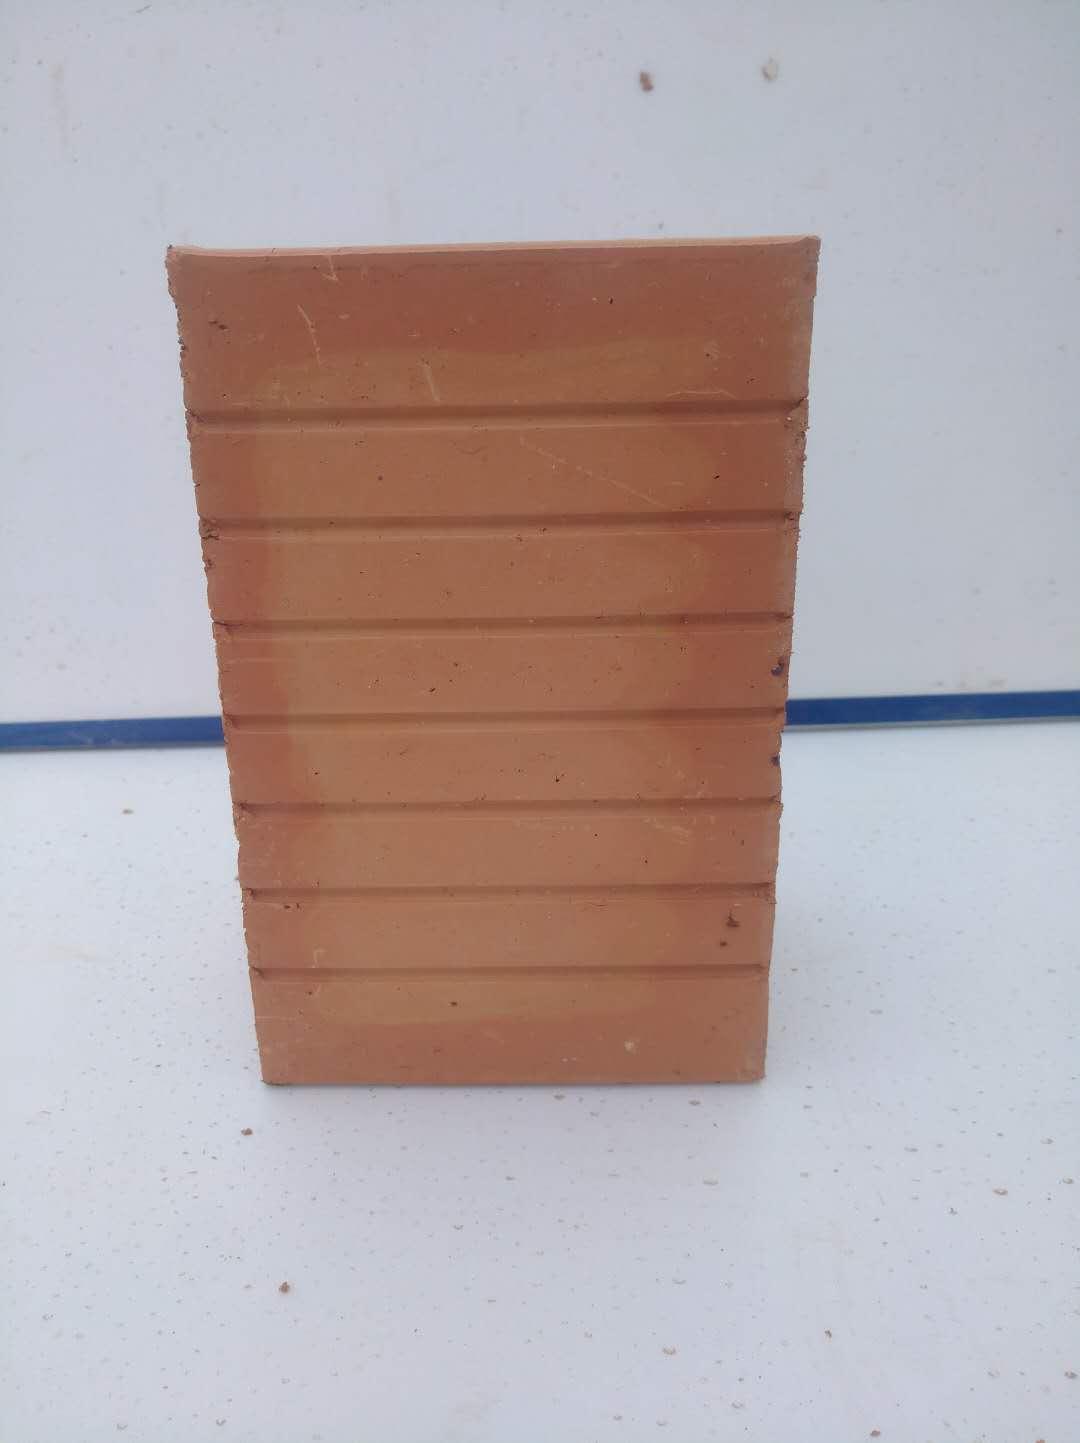 德阳页岩砖空心砖厂家谈页岩和煤矸石发展的新型材料